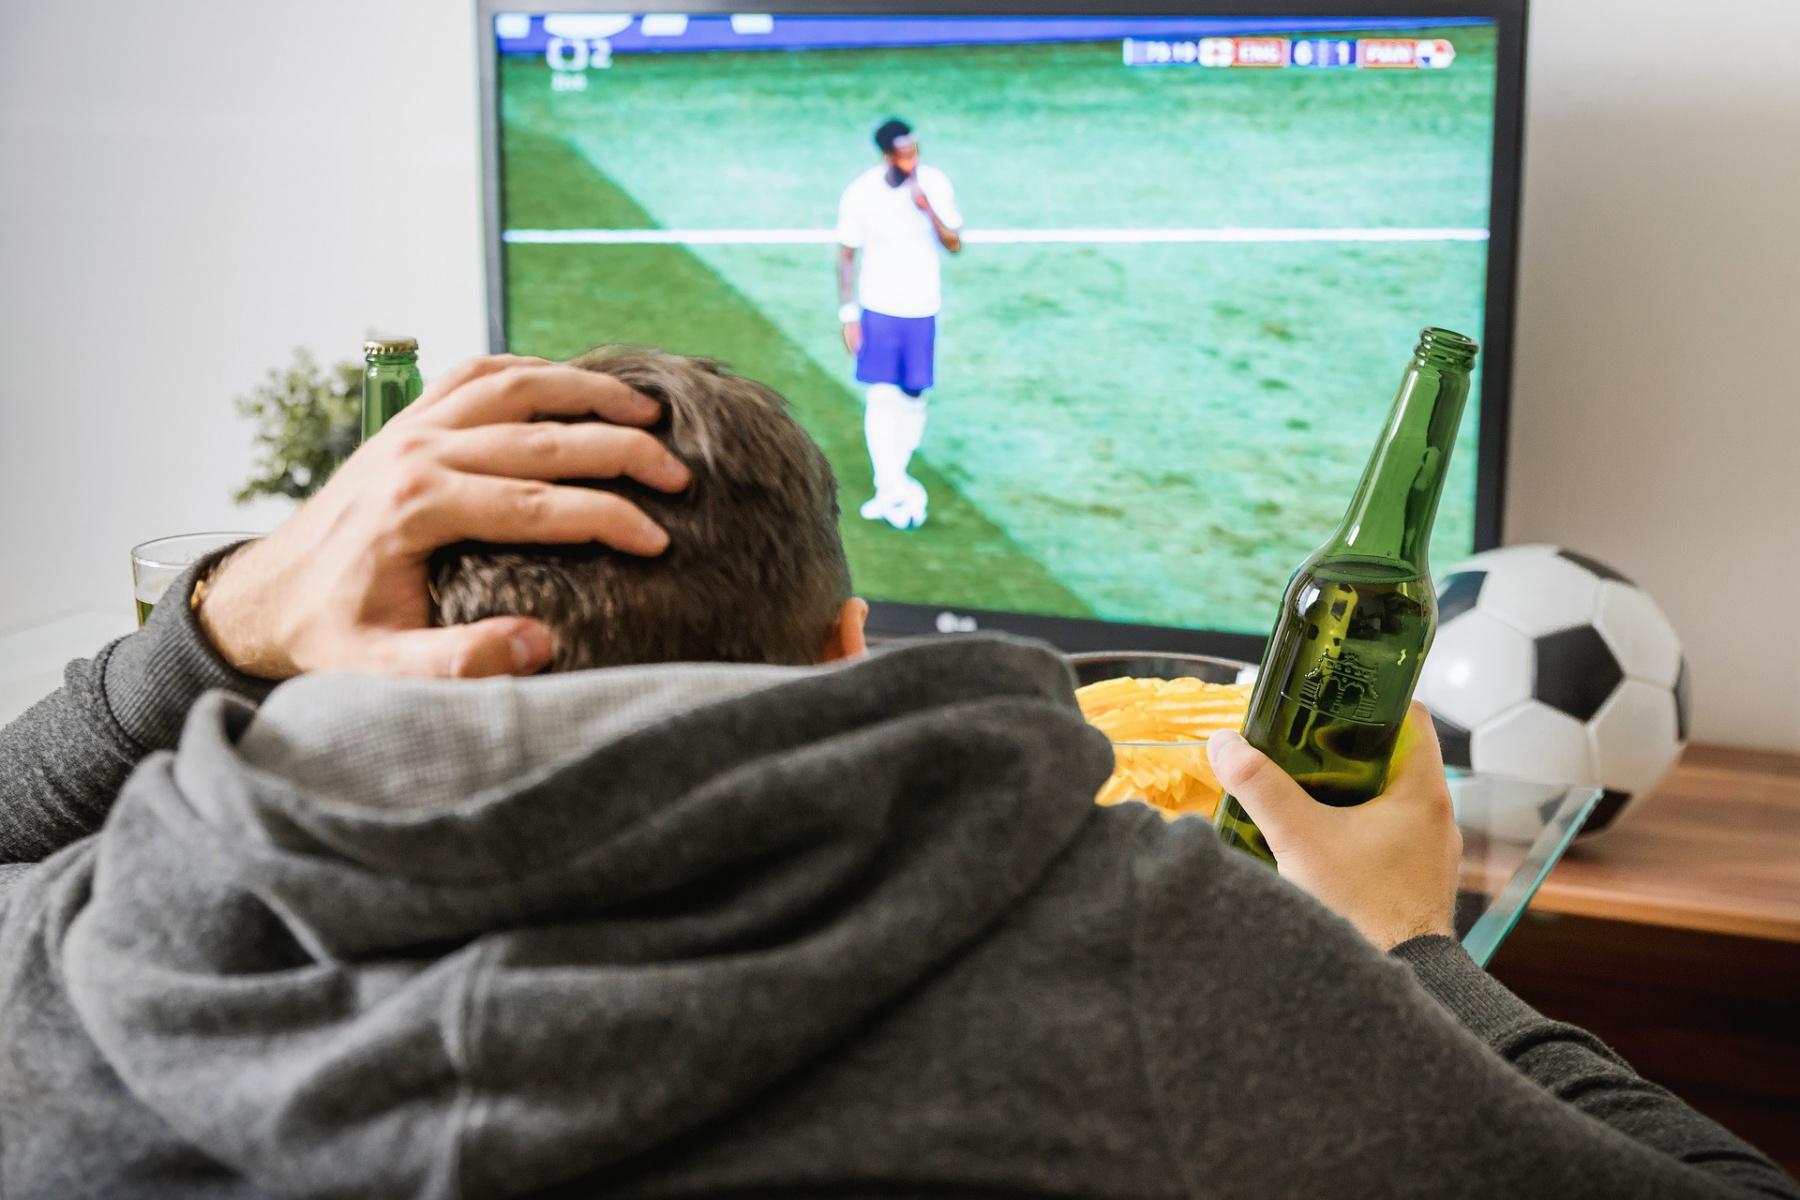 Football Quelles Chaines Pour Voir Les Matchs A La Tele Des La Reprise Sortiraparis Com